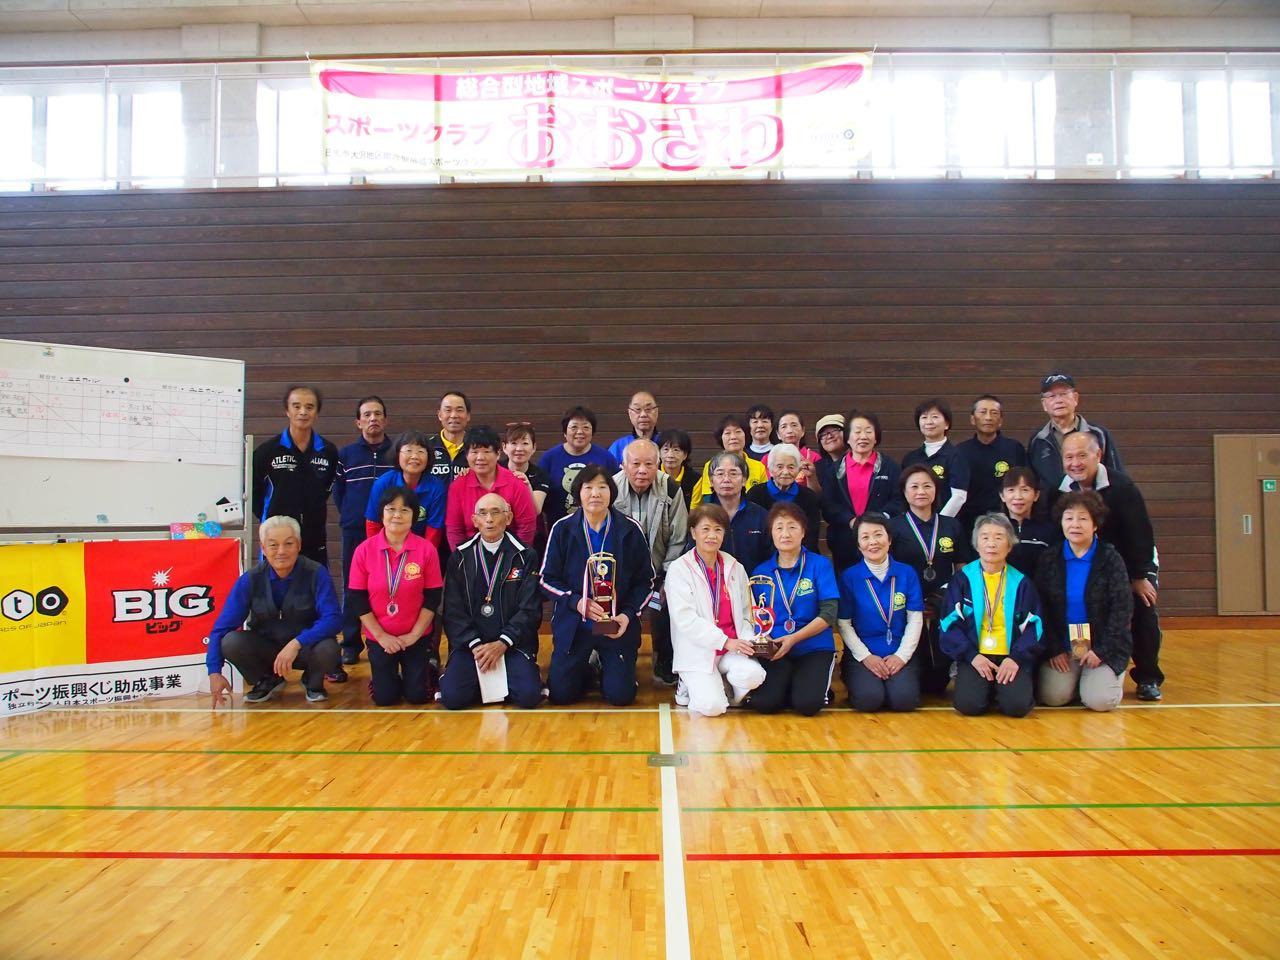 2015-10-23 SCおおさわ「秋の交流会」 099